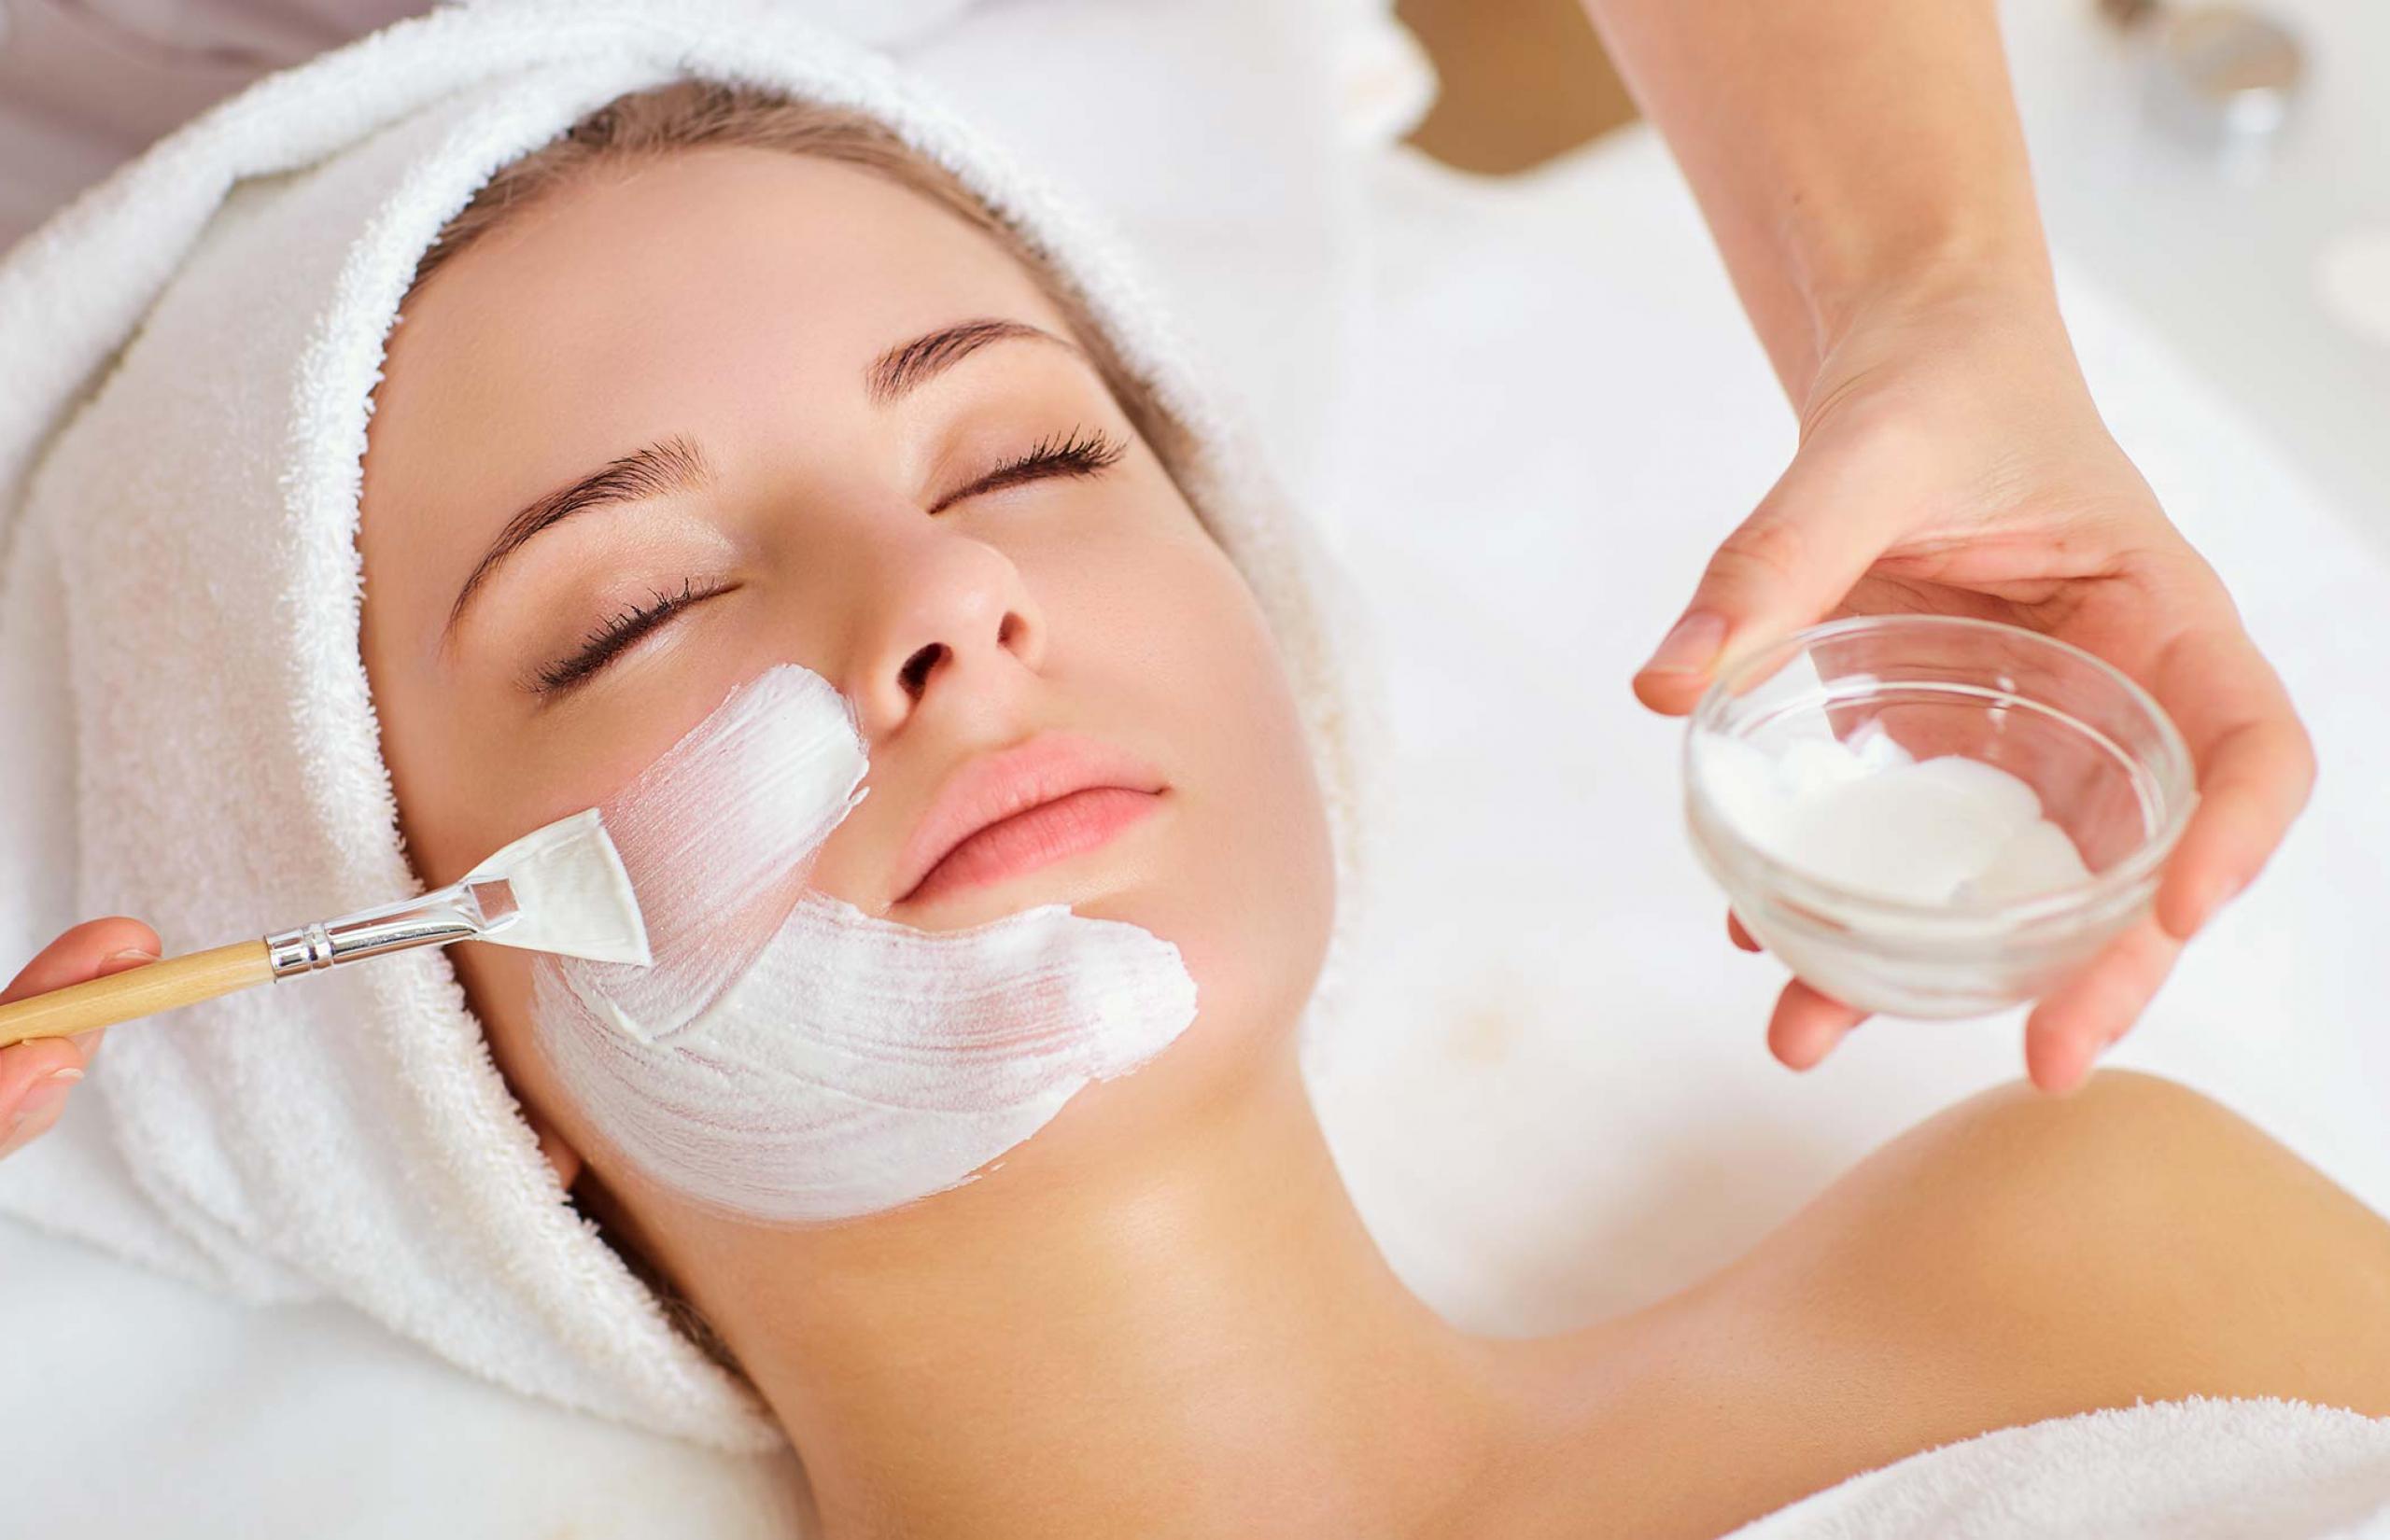 kosmetikbehandlung-reinigung-peeling-ausreinigen-bildslider-2560x1350px